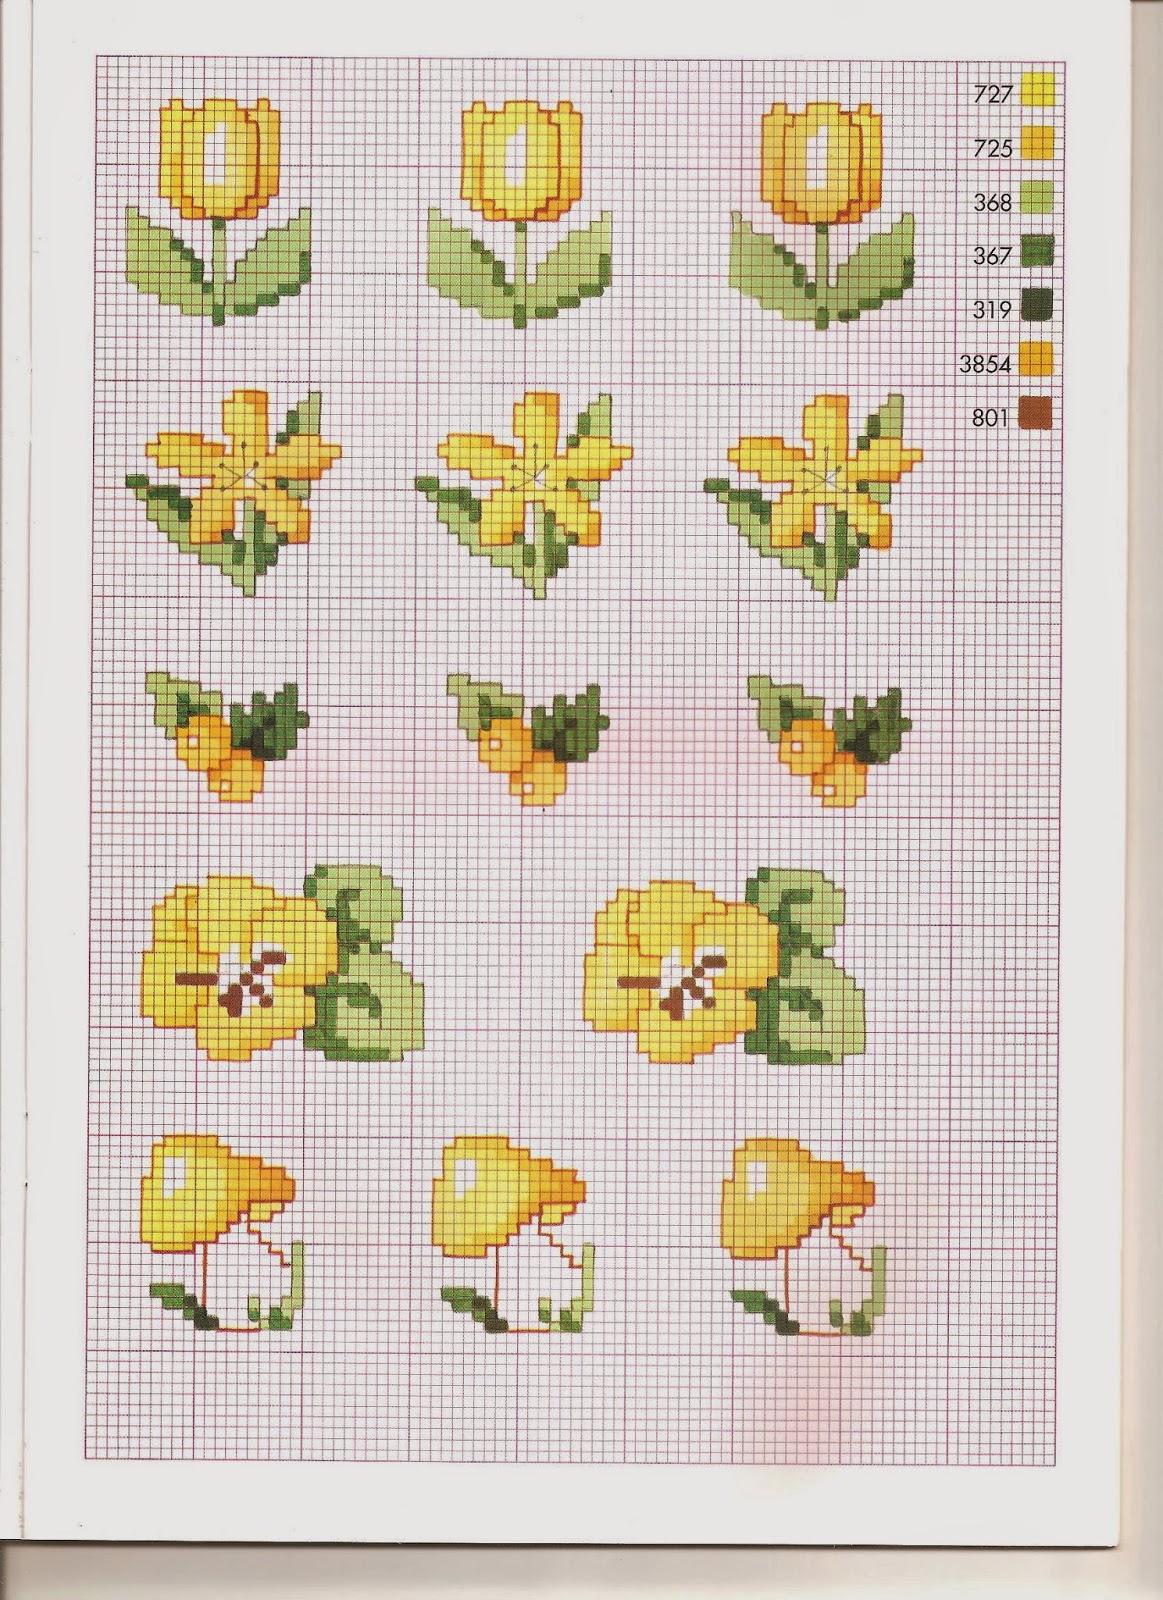 Grande raccolta di Schemi e grafici per Punto croce free Raccolta schemi fiori gialli a punto croce